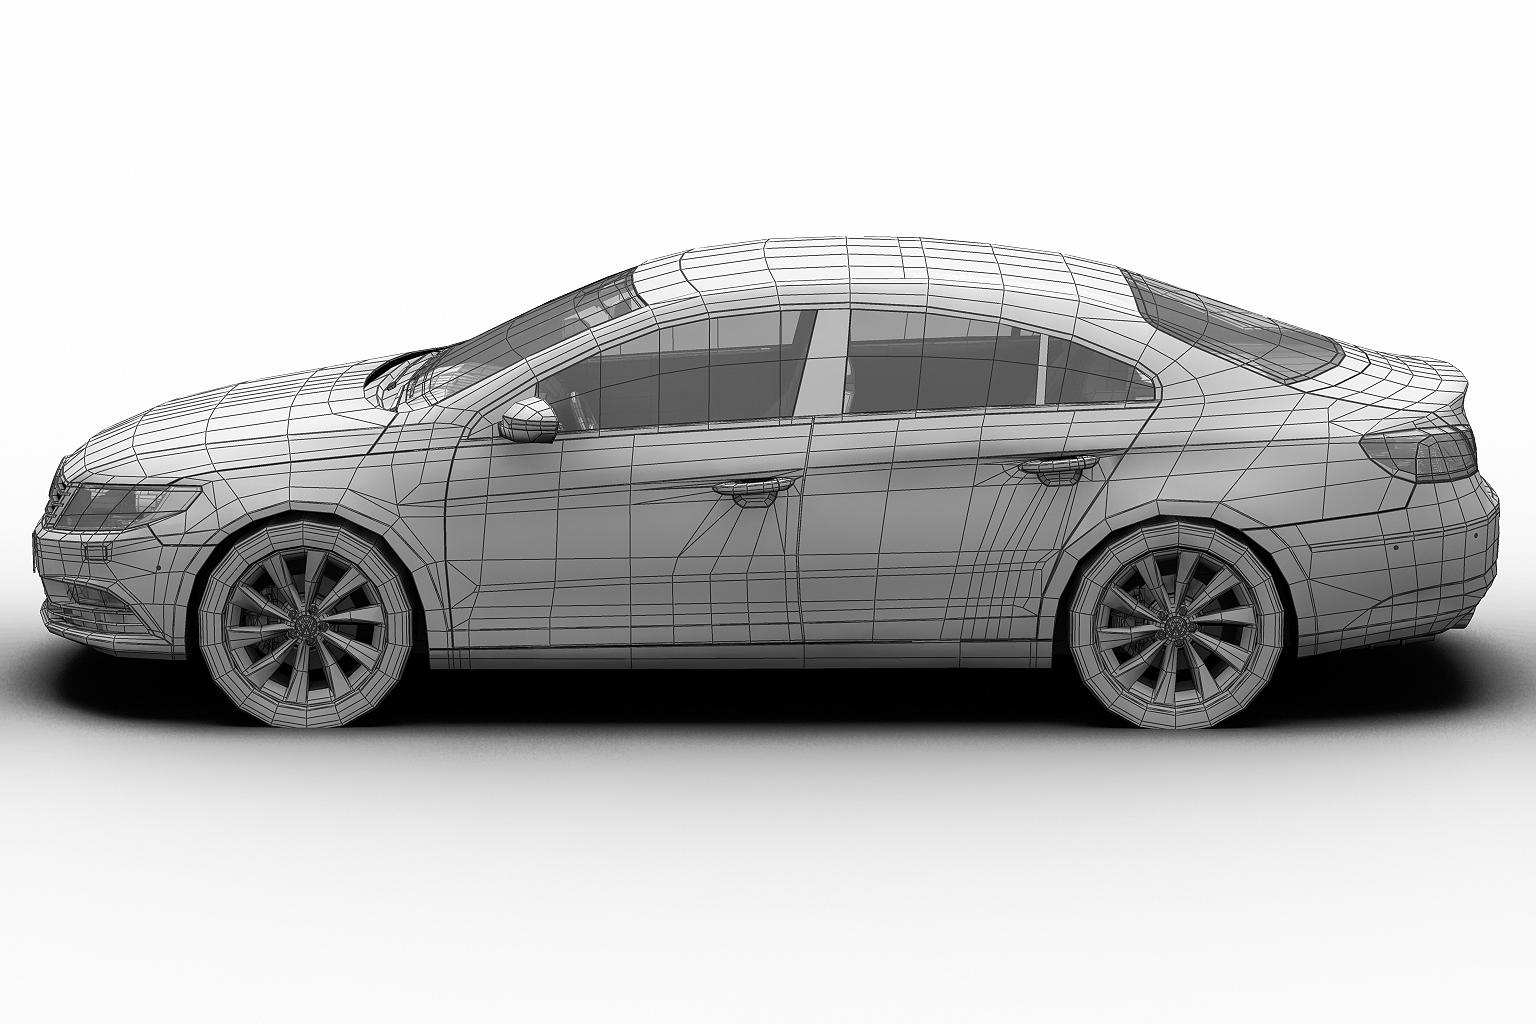 2013 volkswagen cc 3d model 3ds max fbx c4d lwo hrc xsi obj 136224